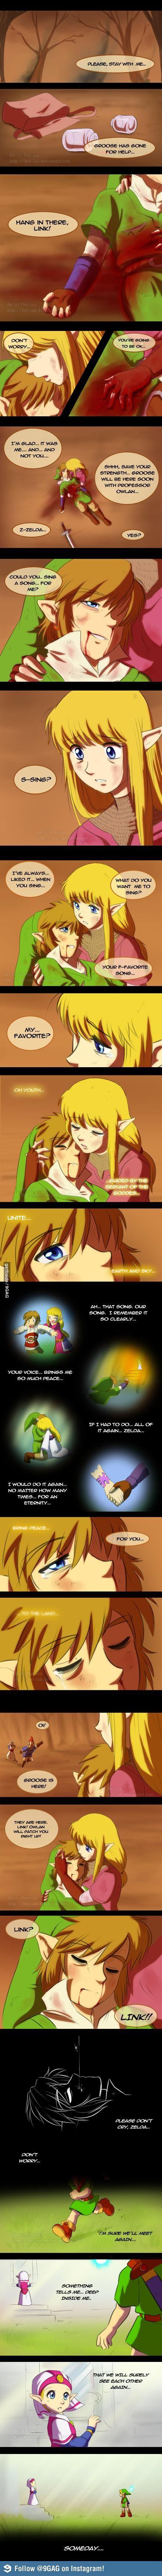 Zelda fans will appreciate it